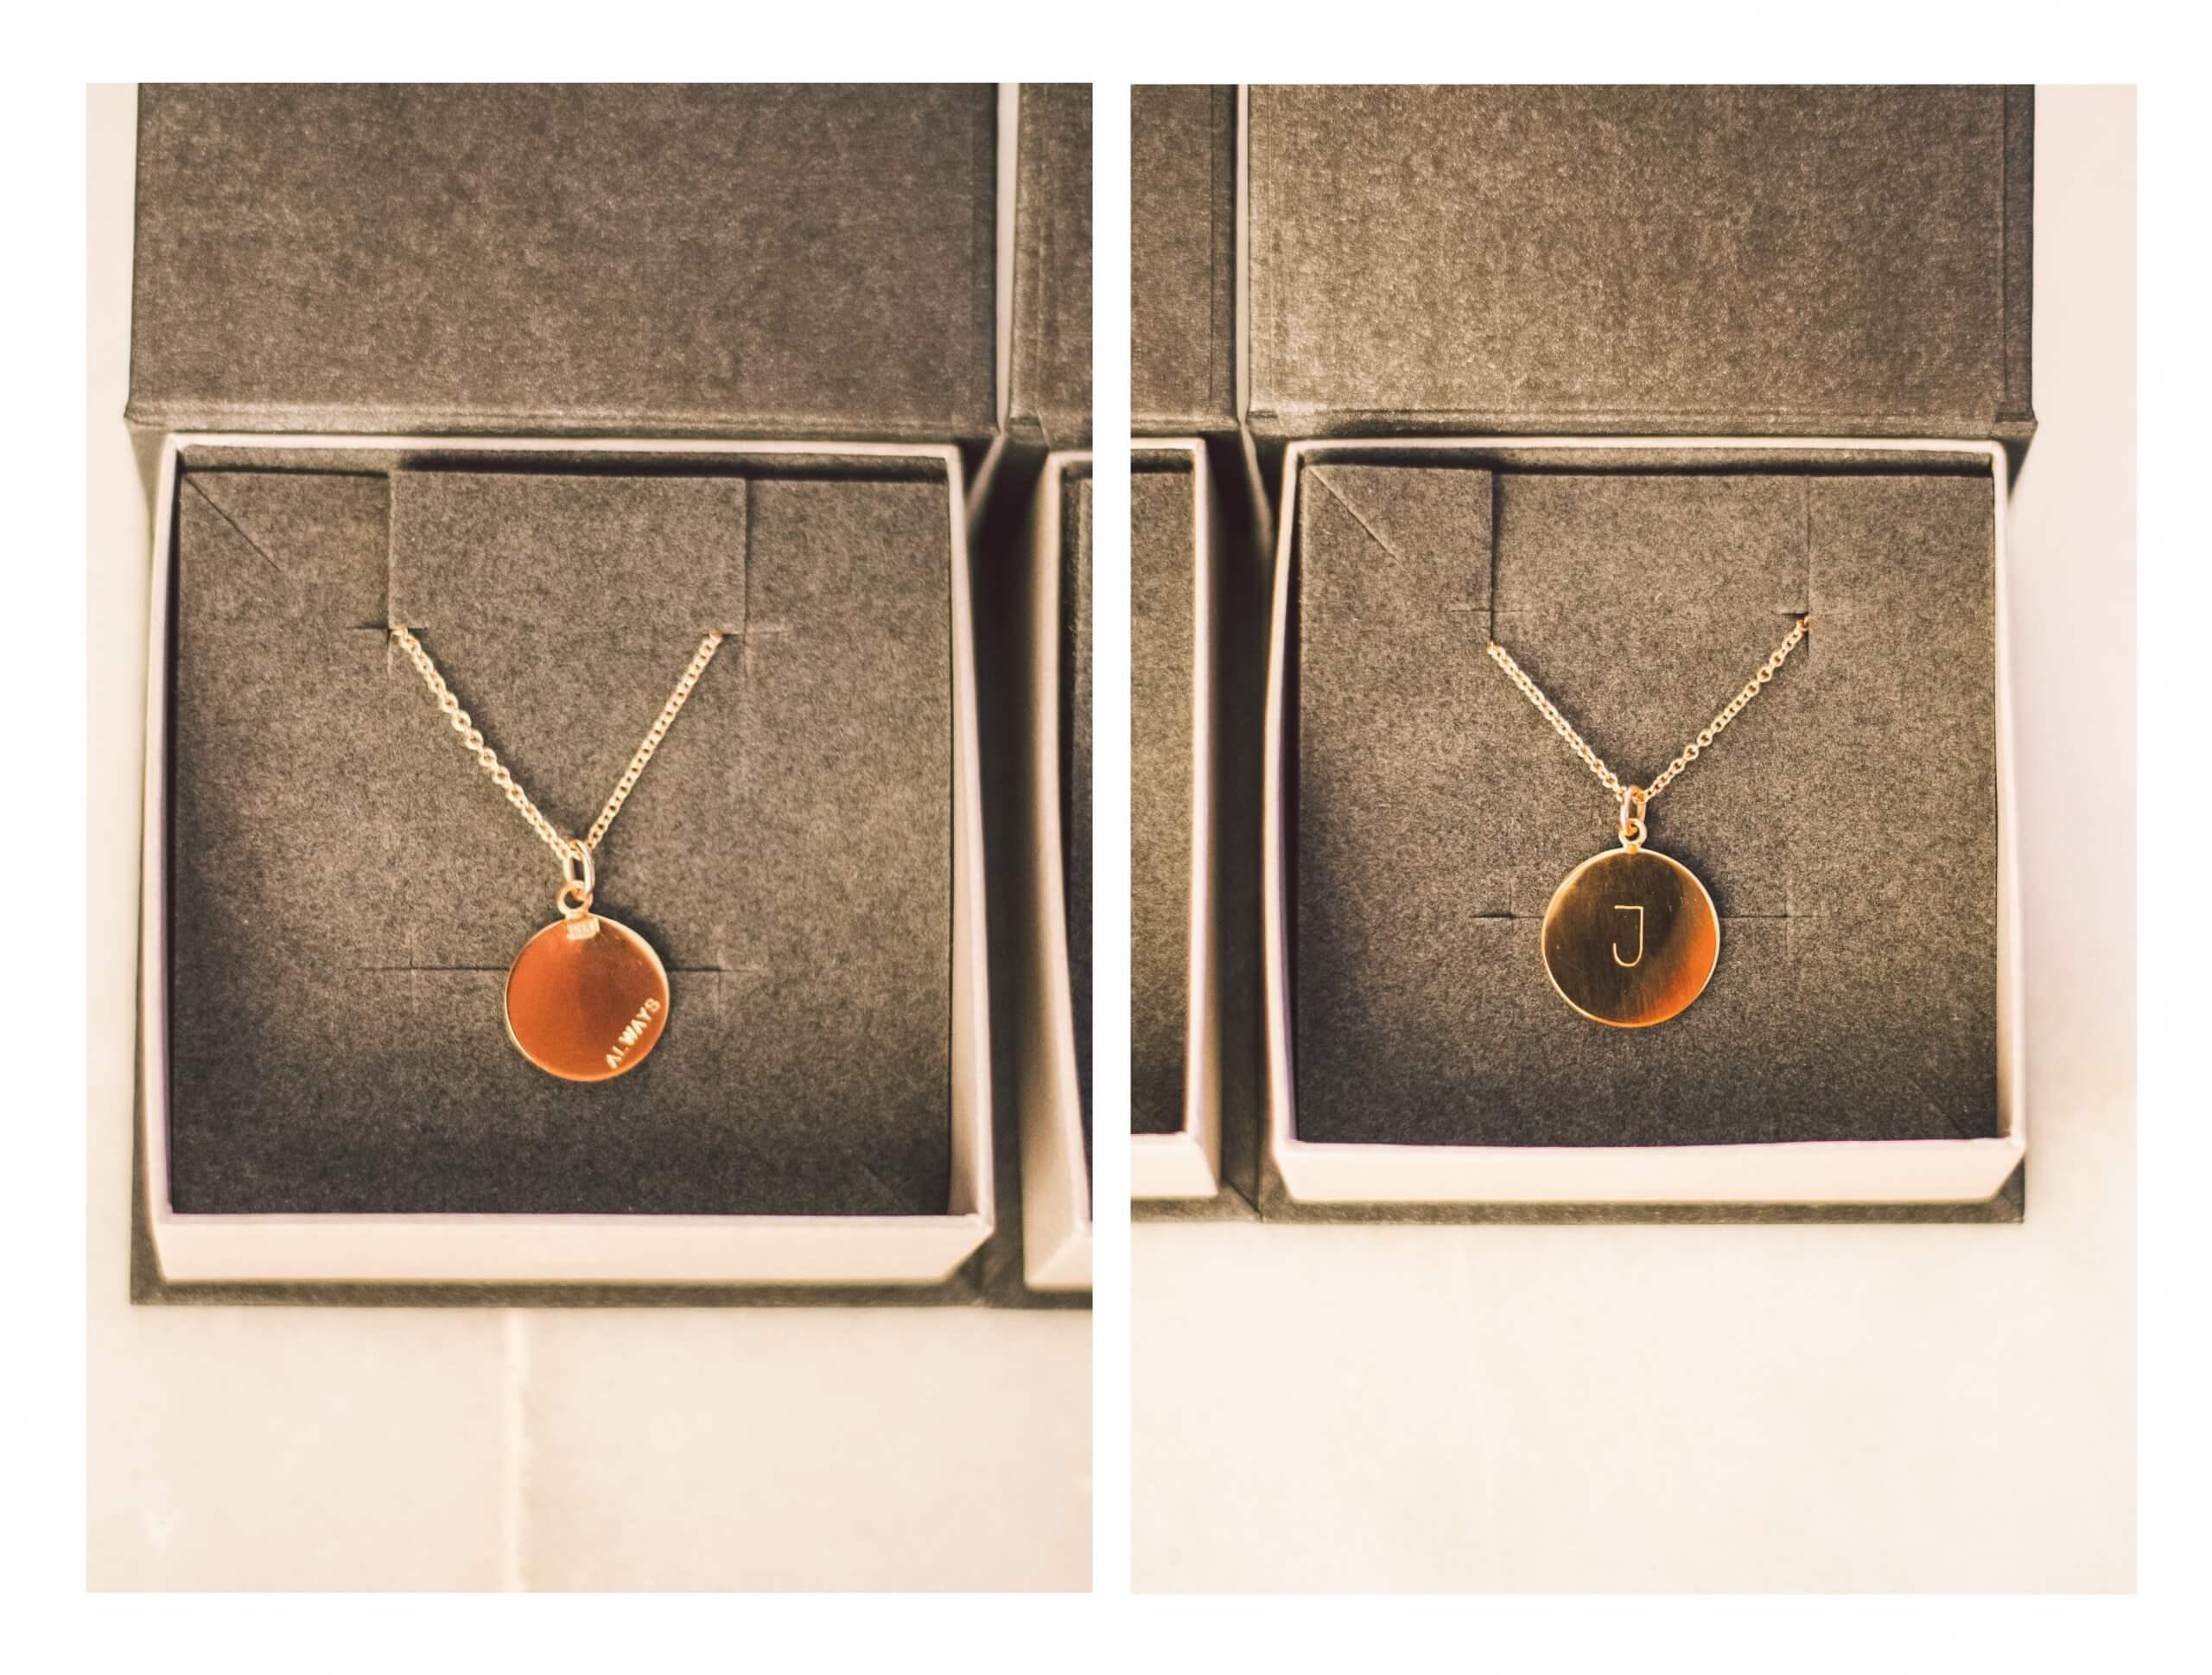 janni-deler-necklace_DSC8571 copy